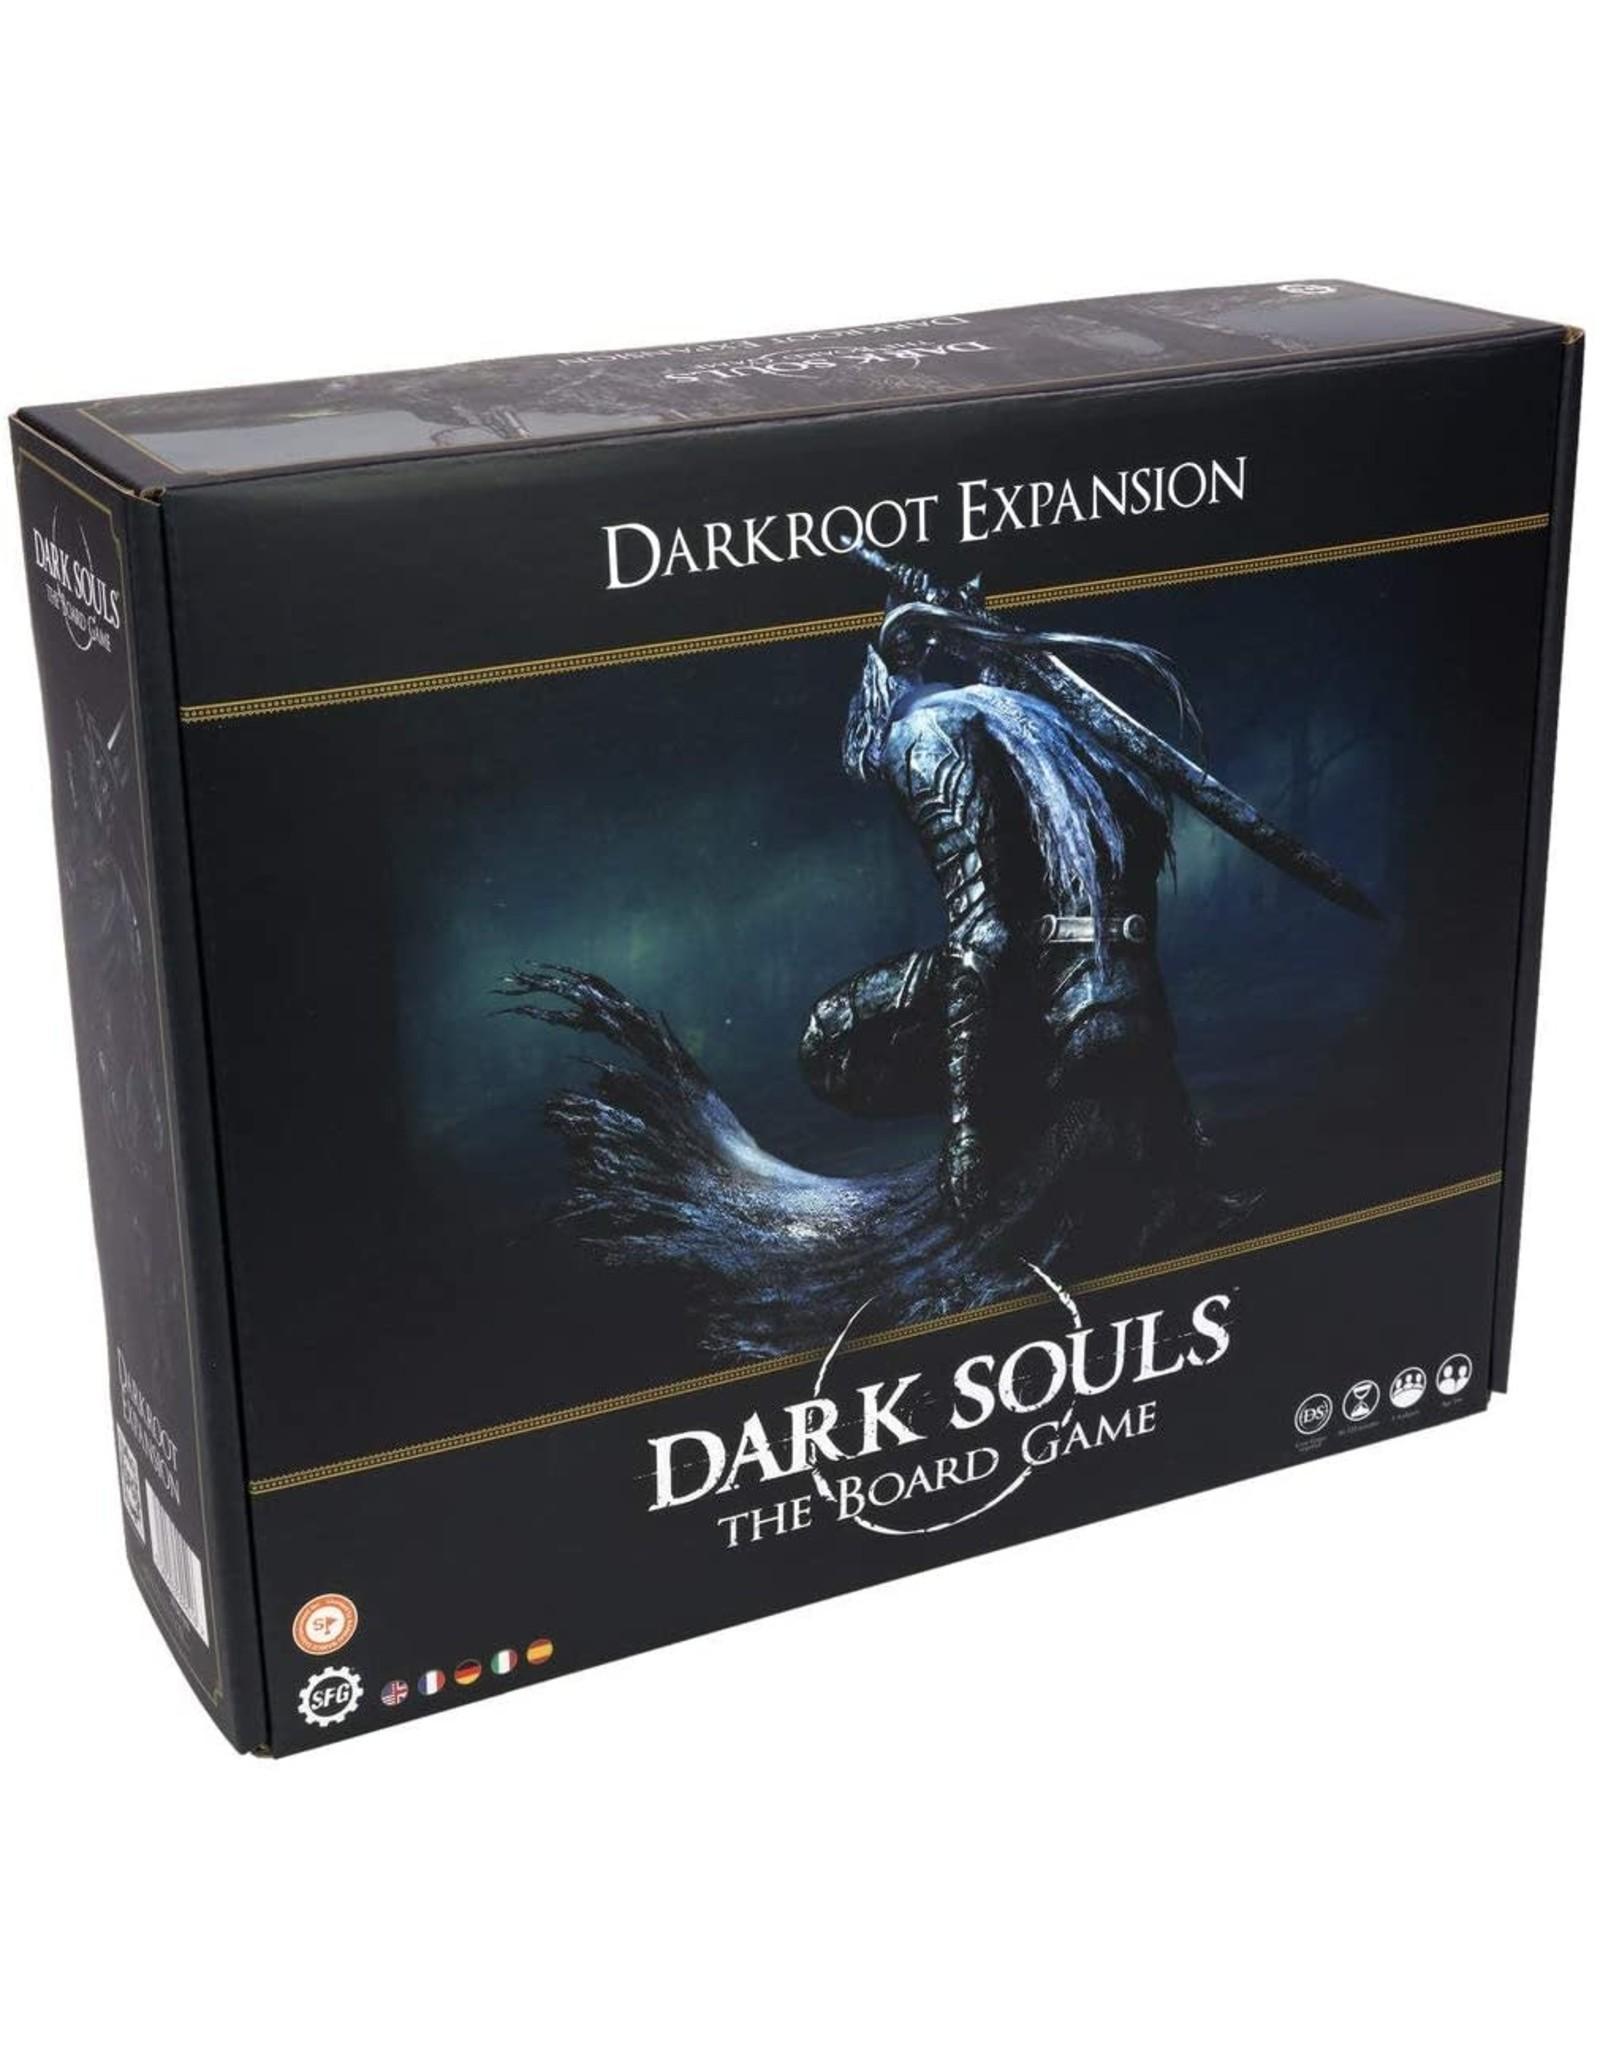 Steamforged Dark Souls: Darkroot Expansion